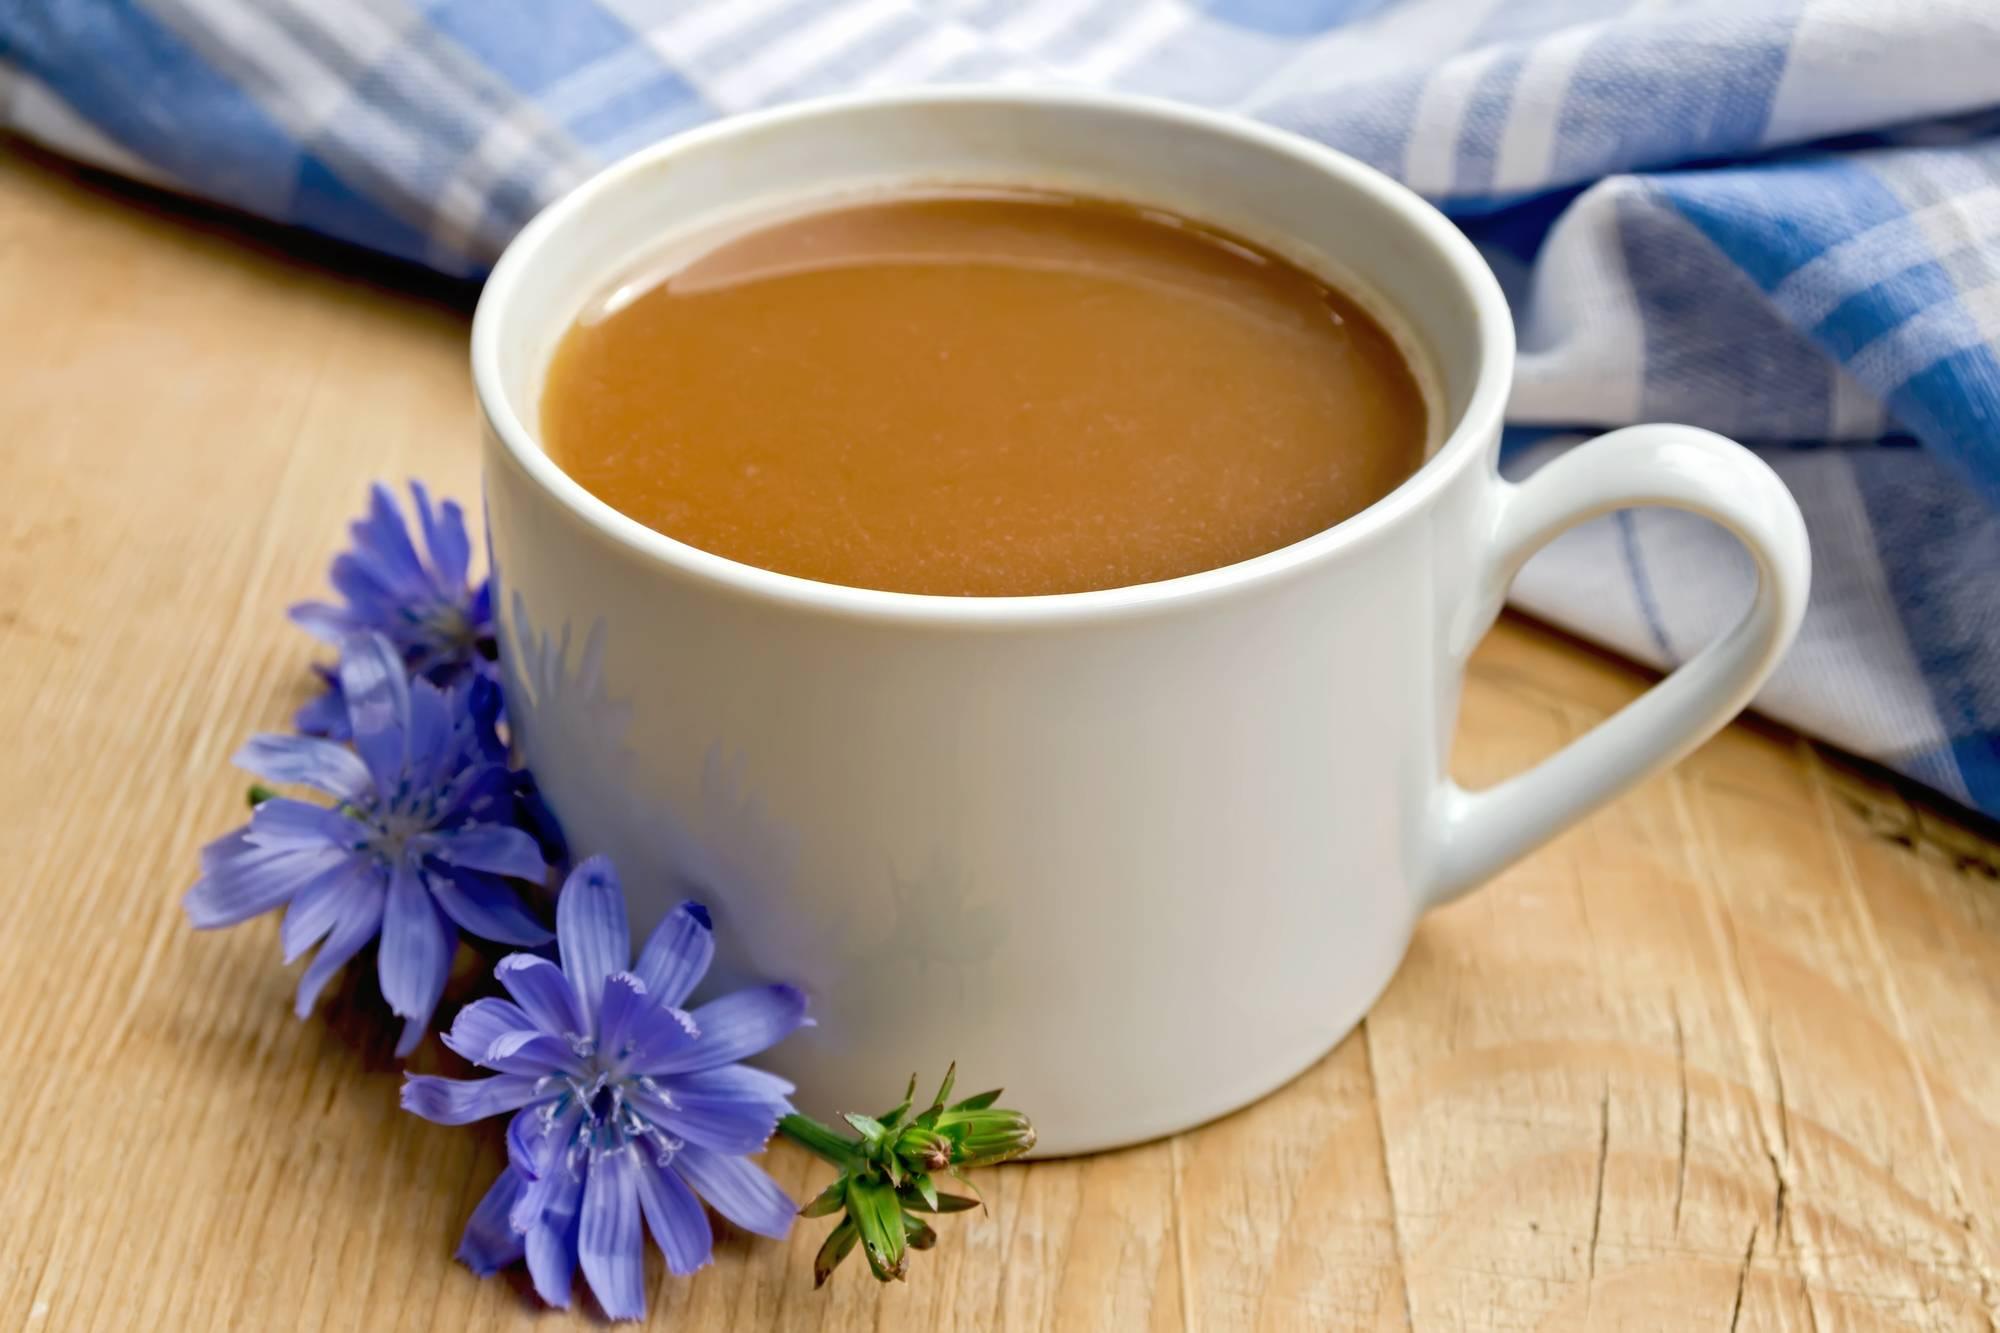 Какой кофе полезнее: молотый или растворимый